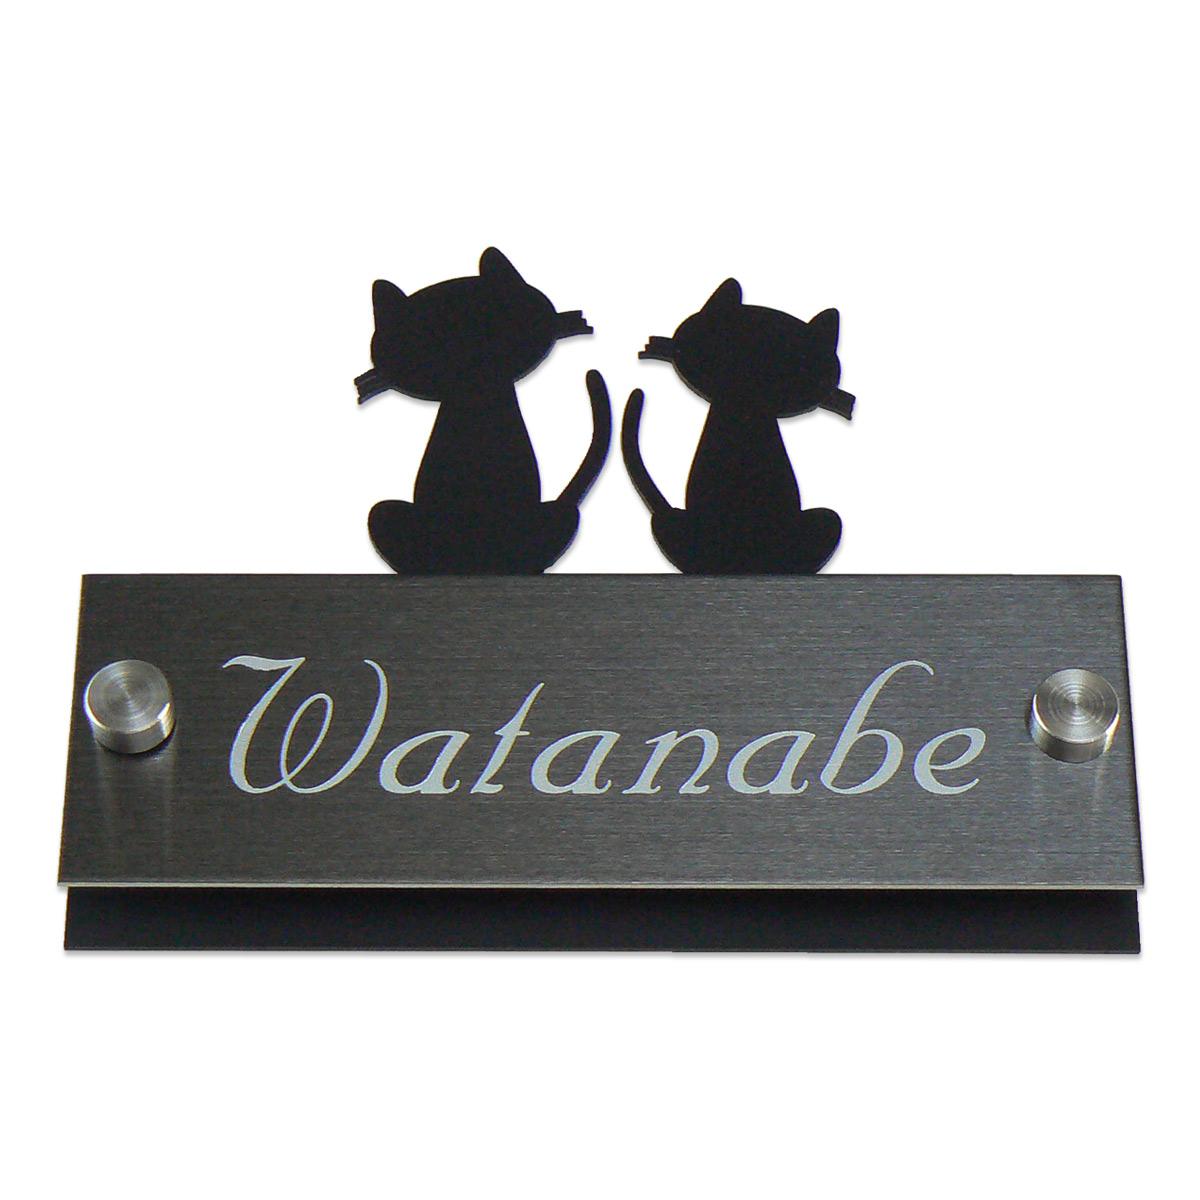 デザイン色々 出群 かわいいネコの表札シルバー ブラック ゴールドの3種のステンレスから選べます 表札 ステンレス おしゃれな表札 猫のステンレス表札 早割クーポン ねこ ねこのステンレスにブラックステンレスを重ねた 戸建て表札や機能門柱表札 ネコ